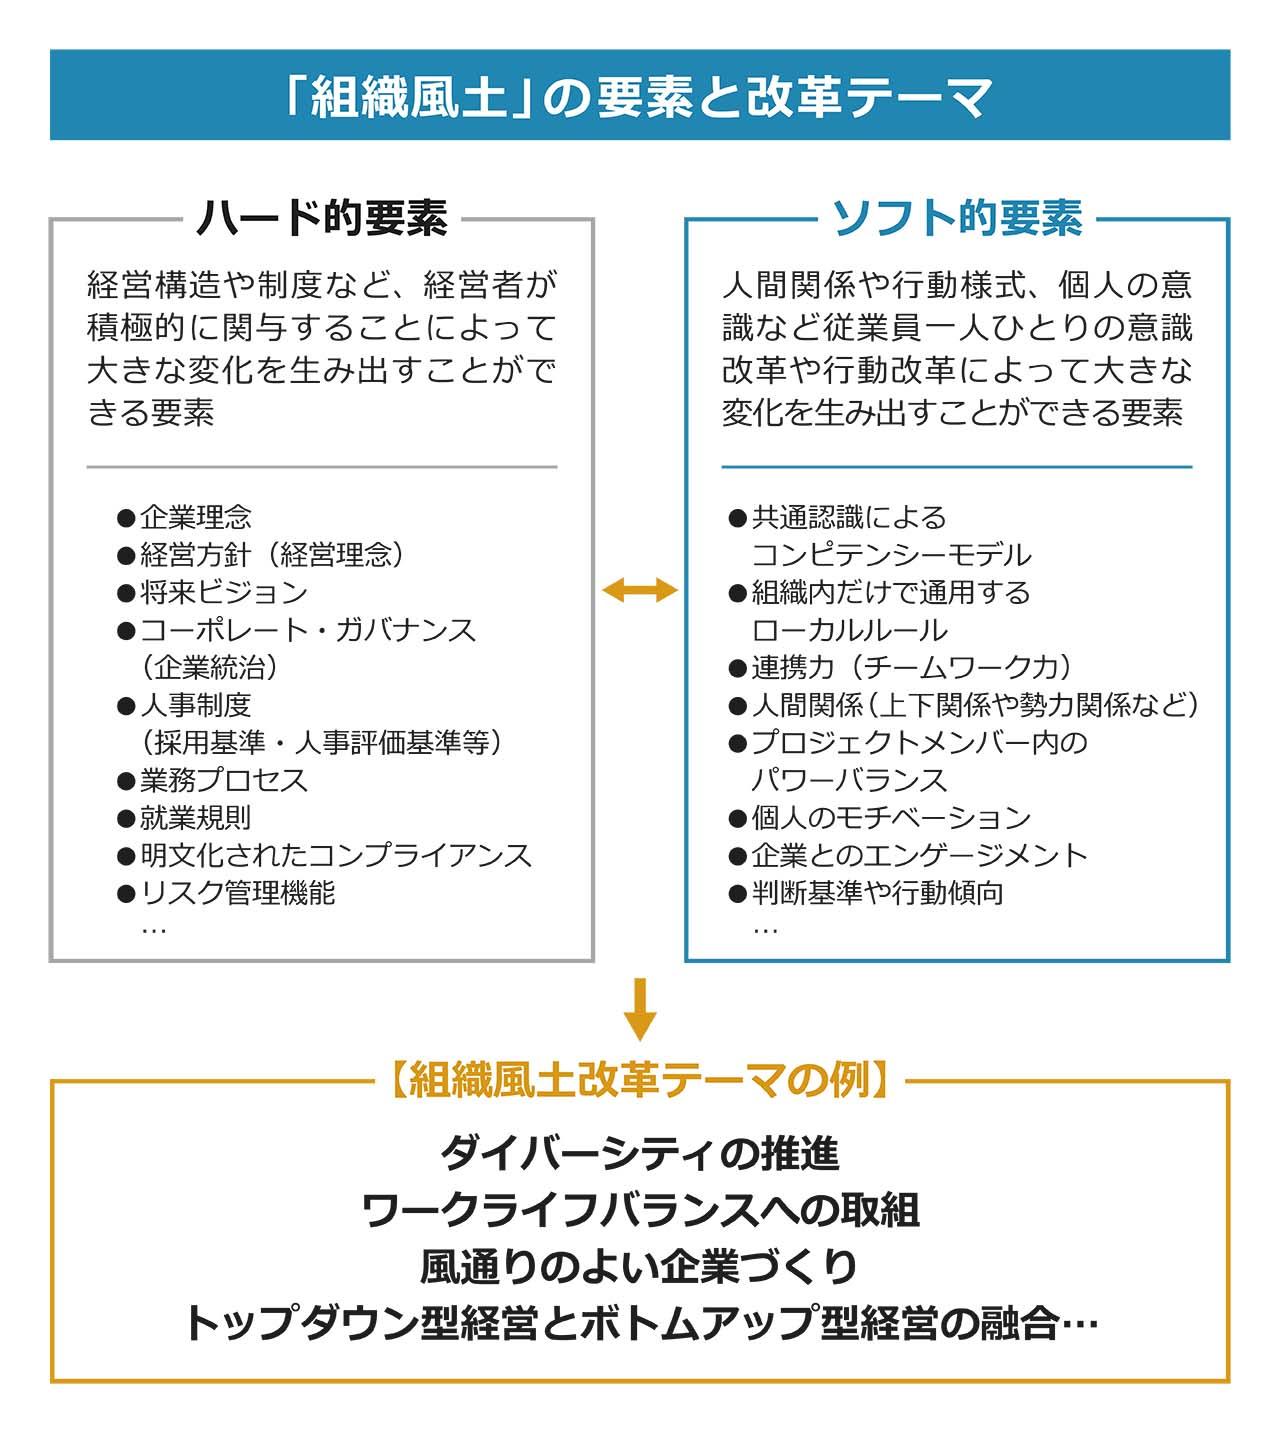 「組織風土」の要素と改革テーマ)